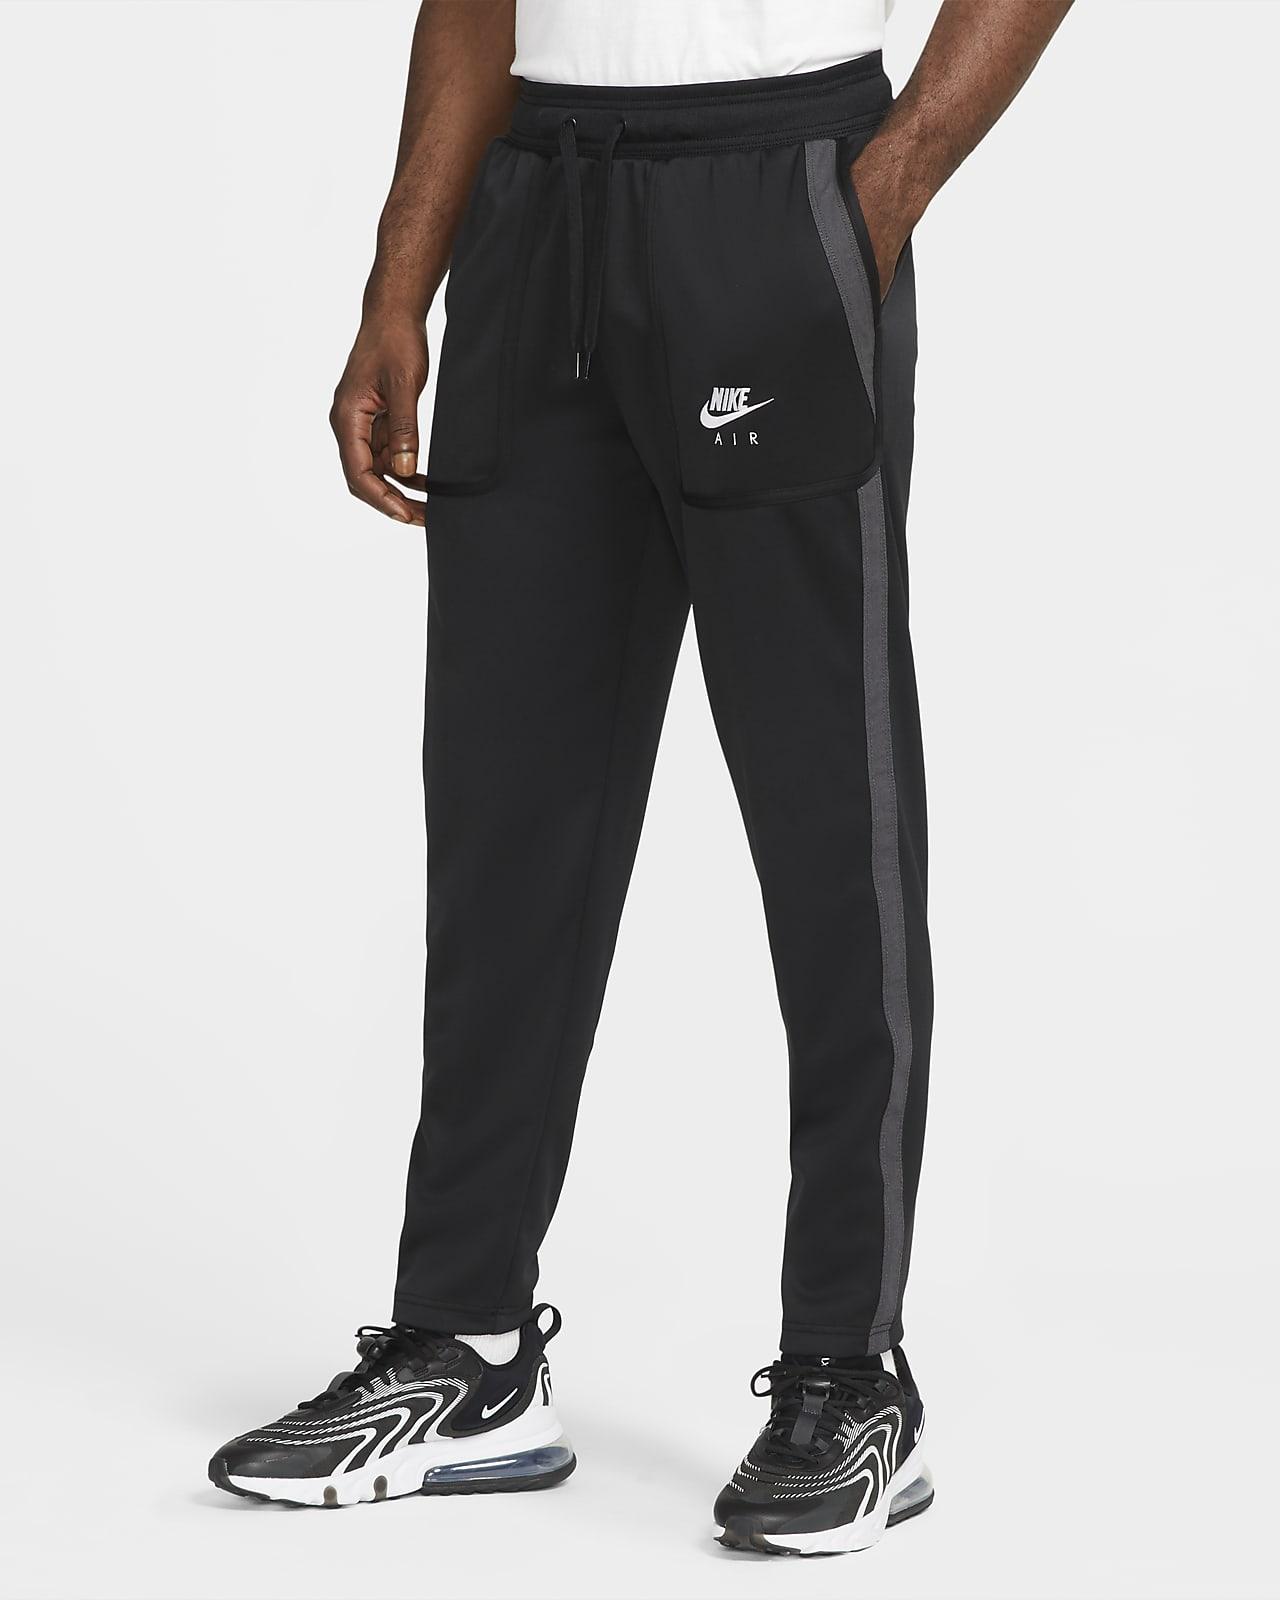 Spodnie męskie Nike Air